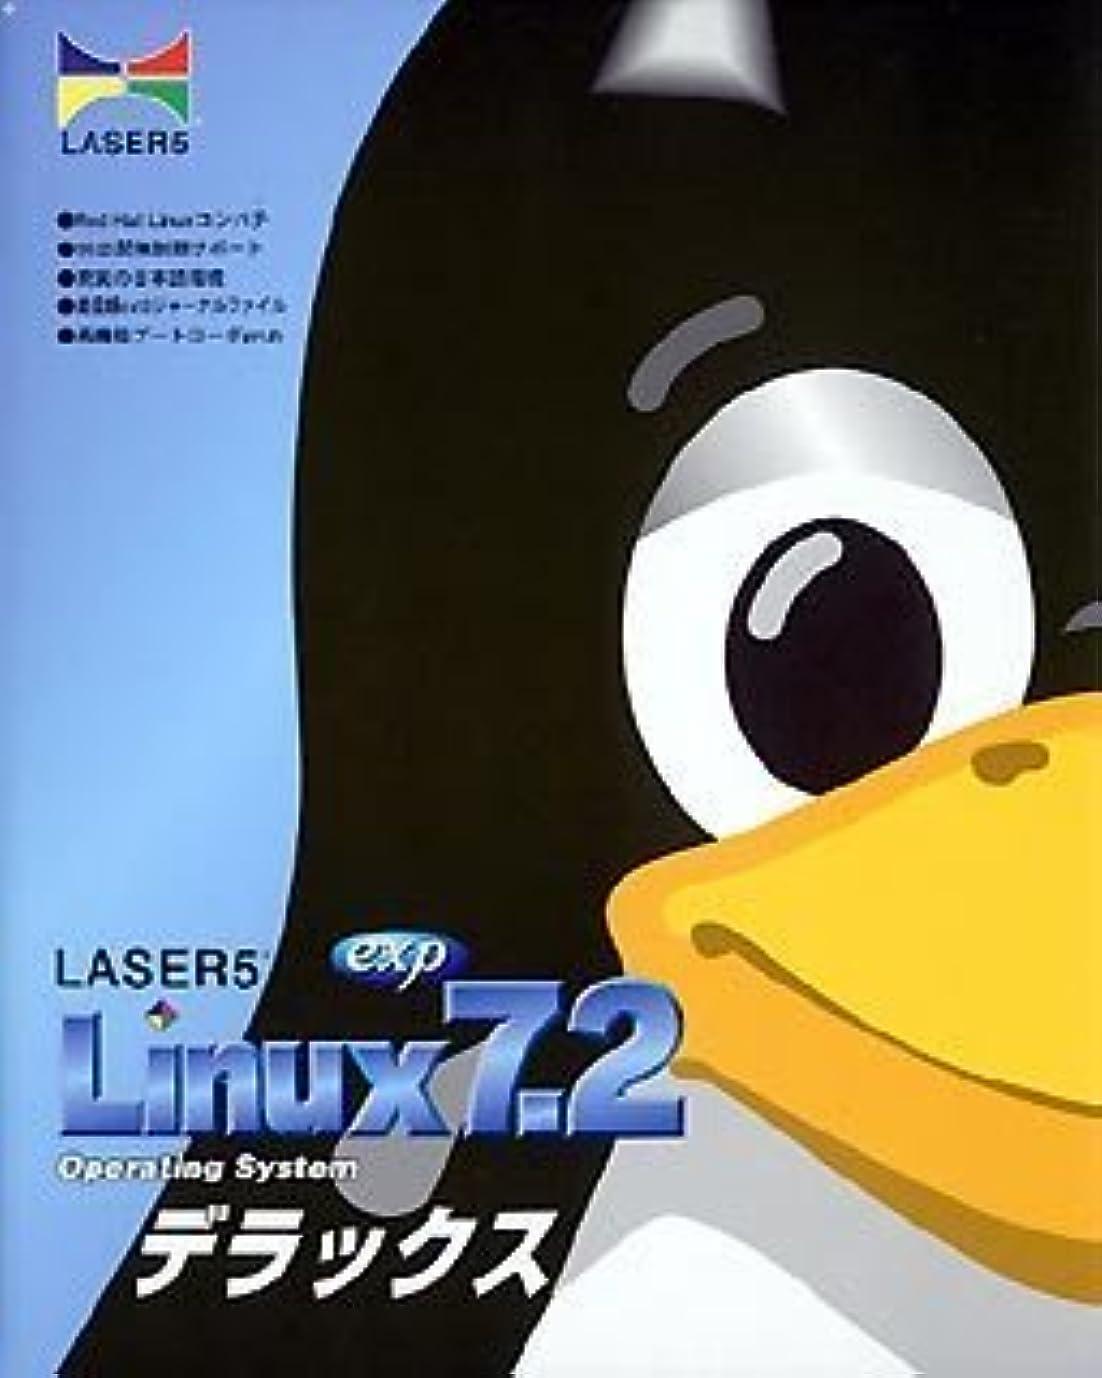 屈辱するメカニック階層LASER5 Linux 7.2 exp デラックス